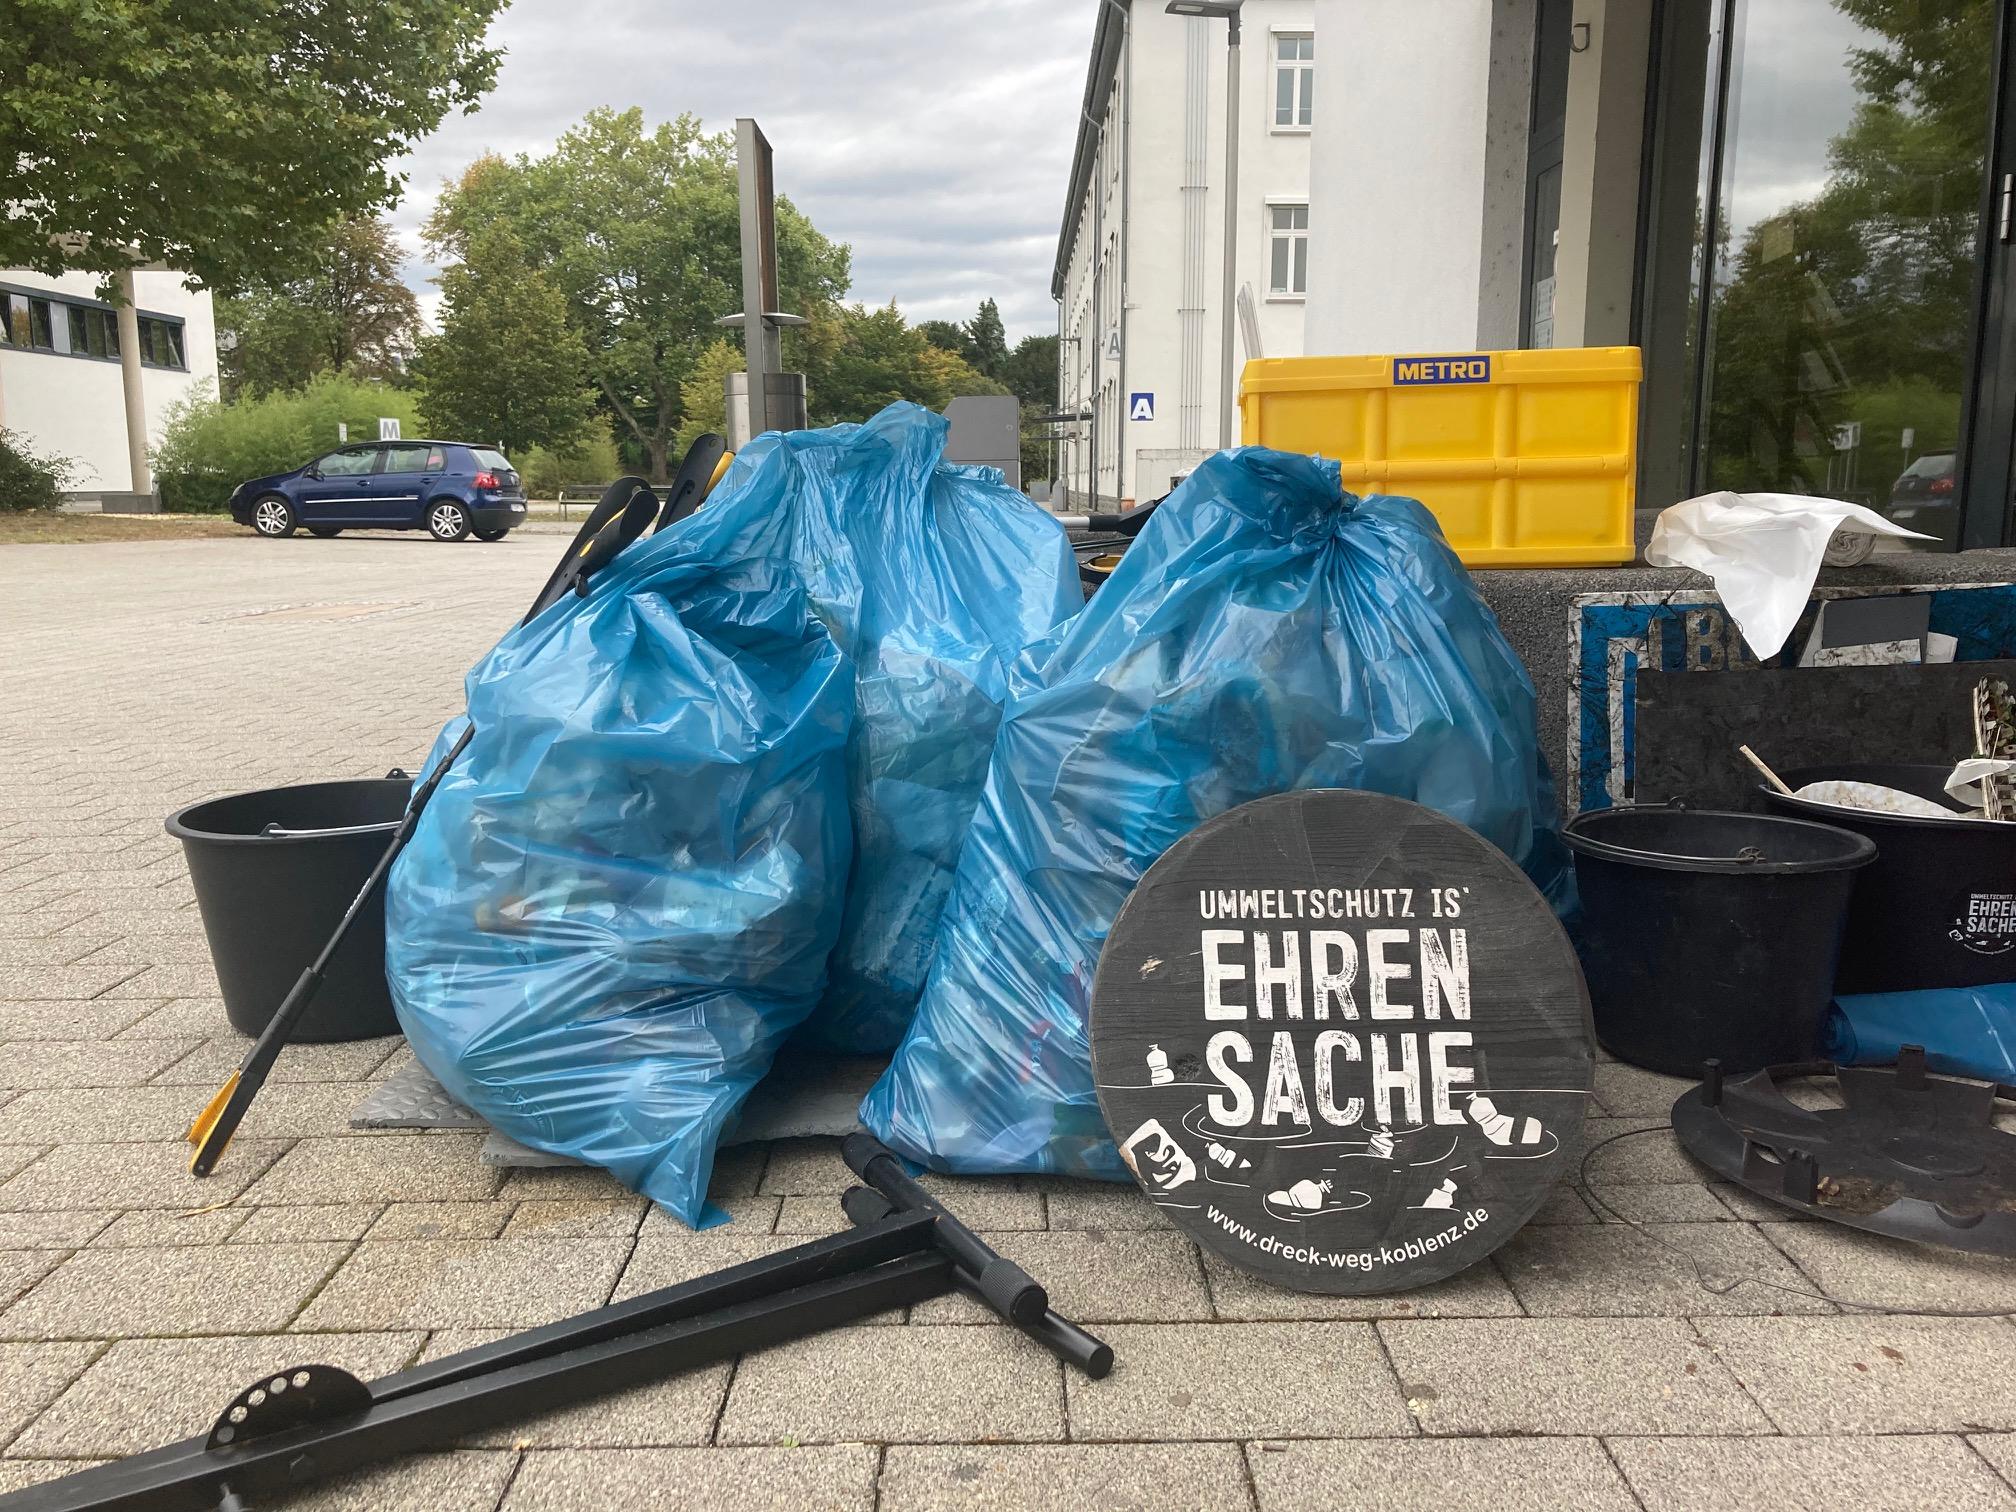 Rund 360 Liter Müll fanden die Helfer innerhalb von zwei Stunden und entsorgten ihn fachgerecht. Bild: UKL